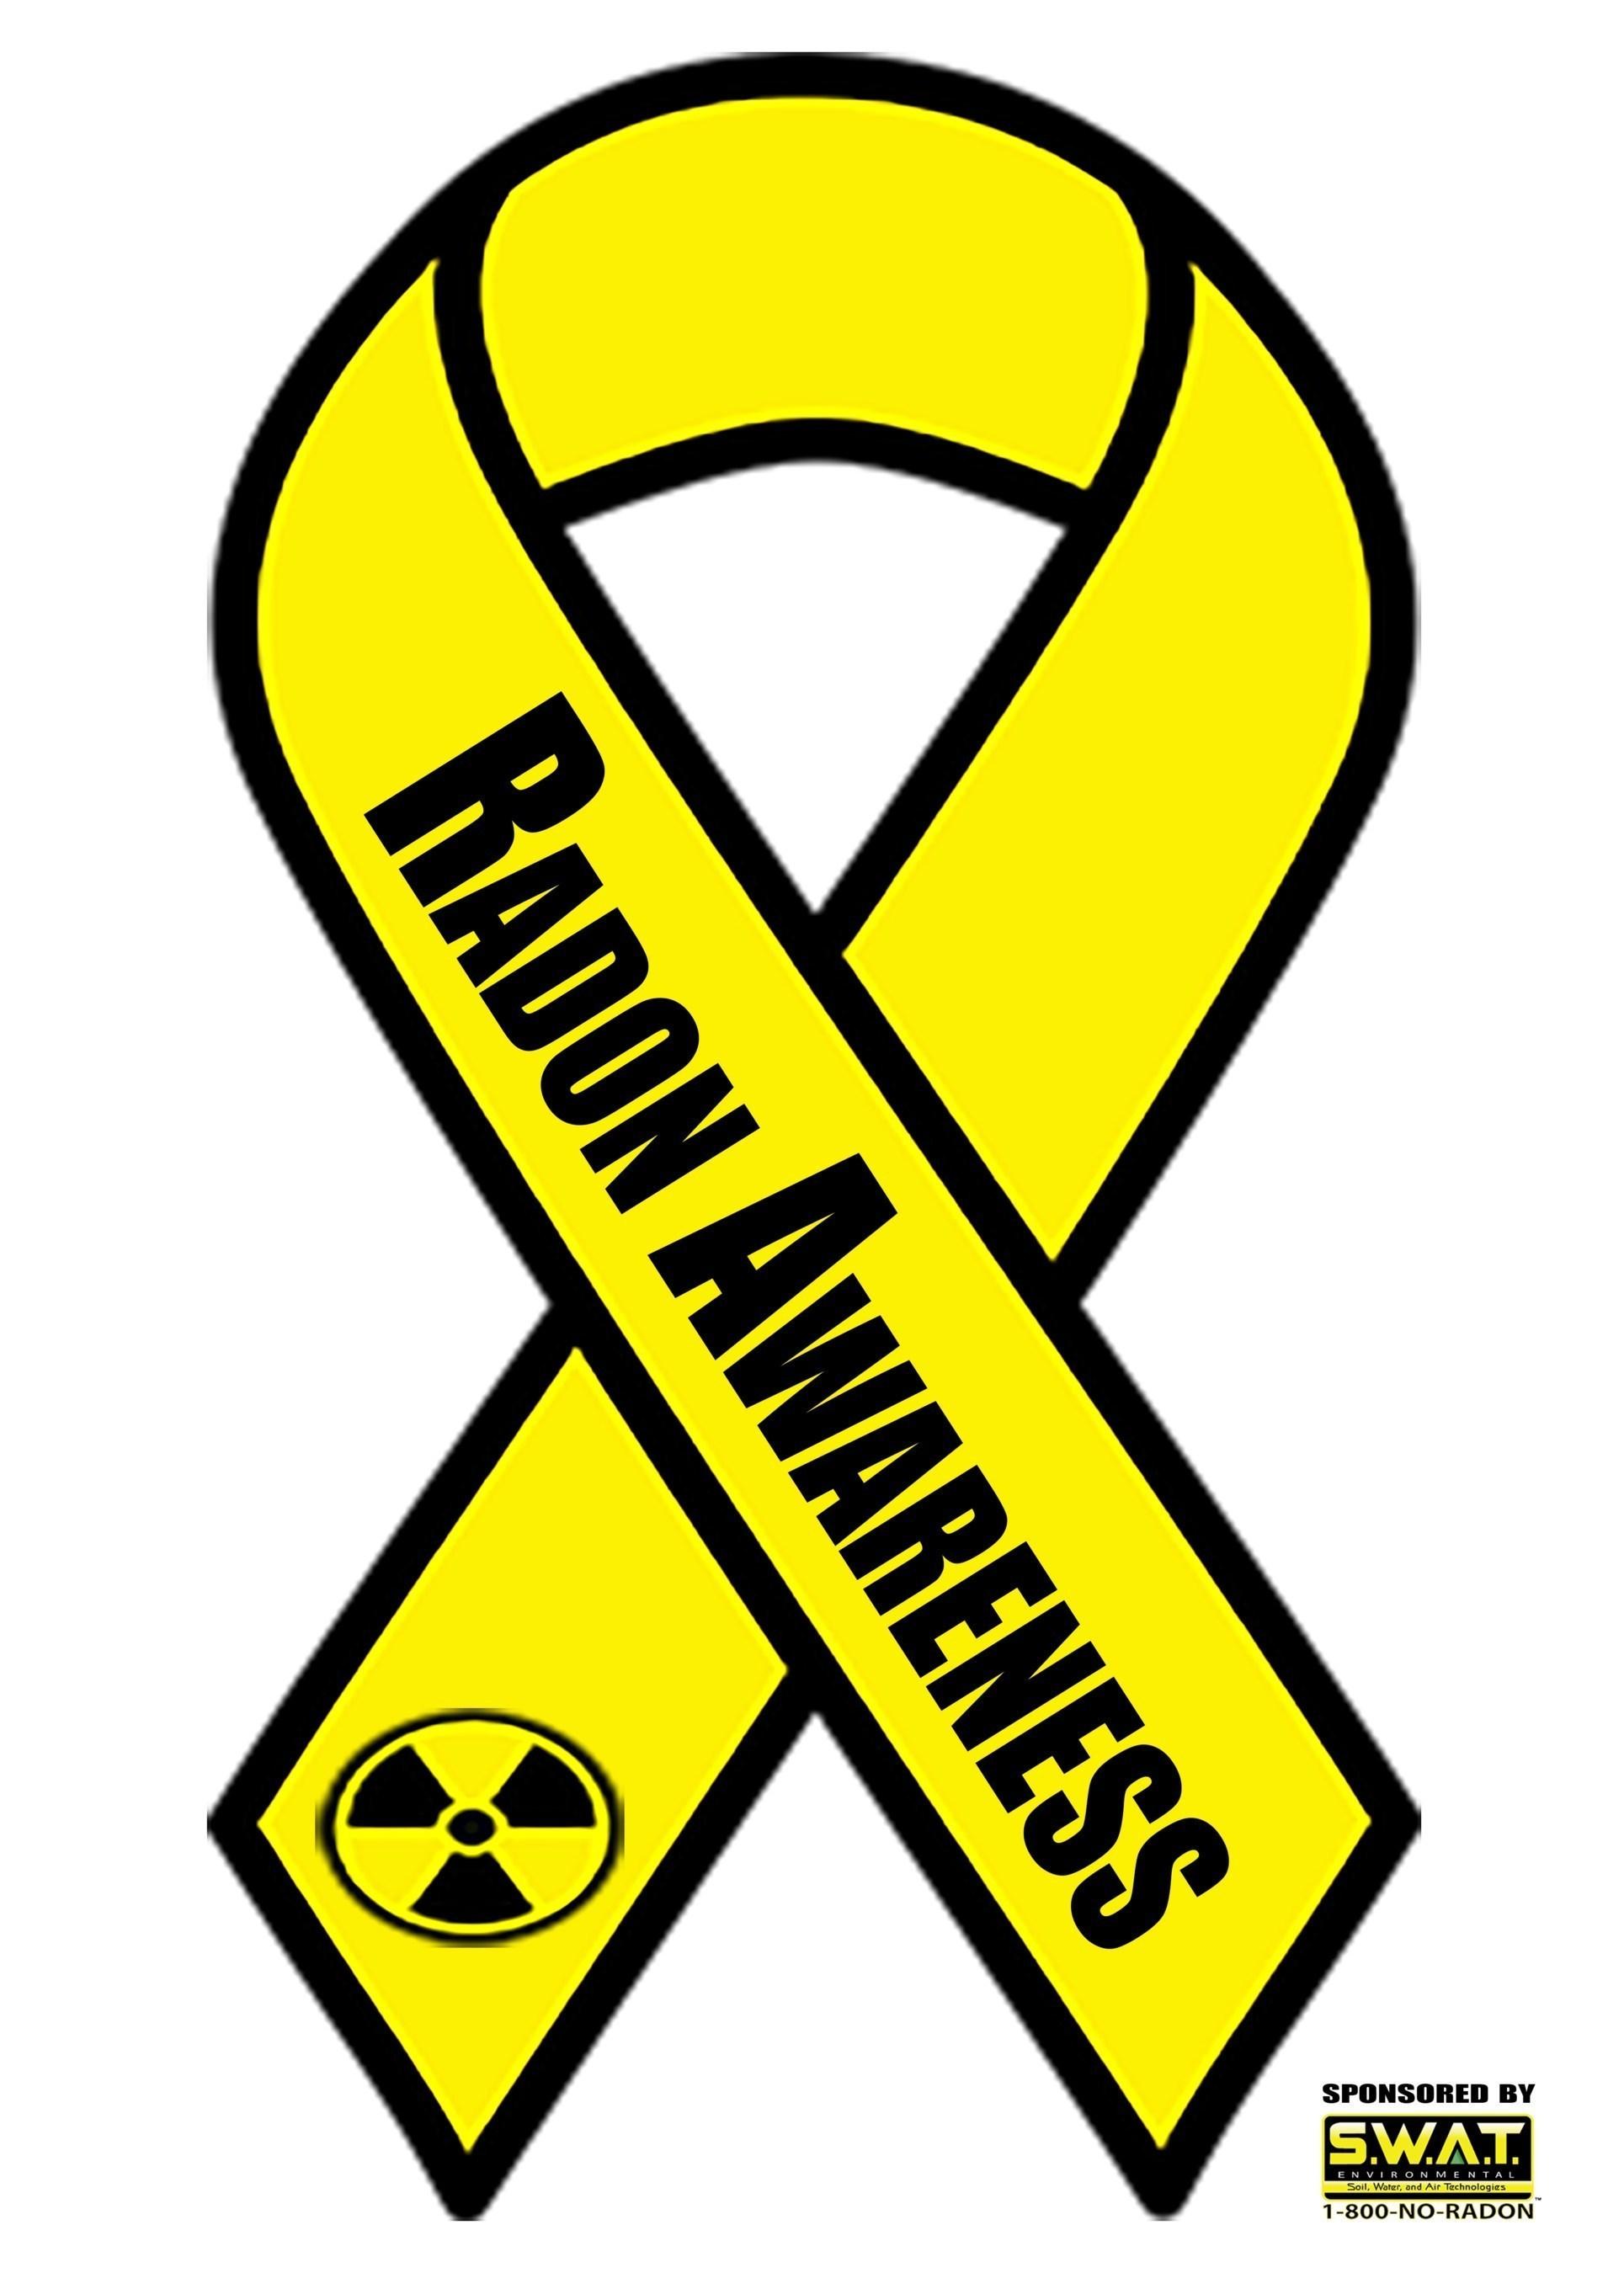 Radon Awareness - Lung Cancer Awareness Month